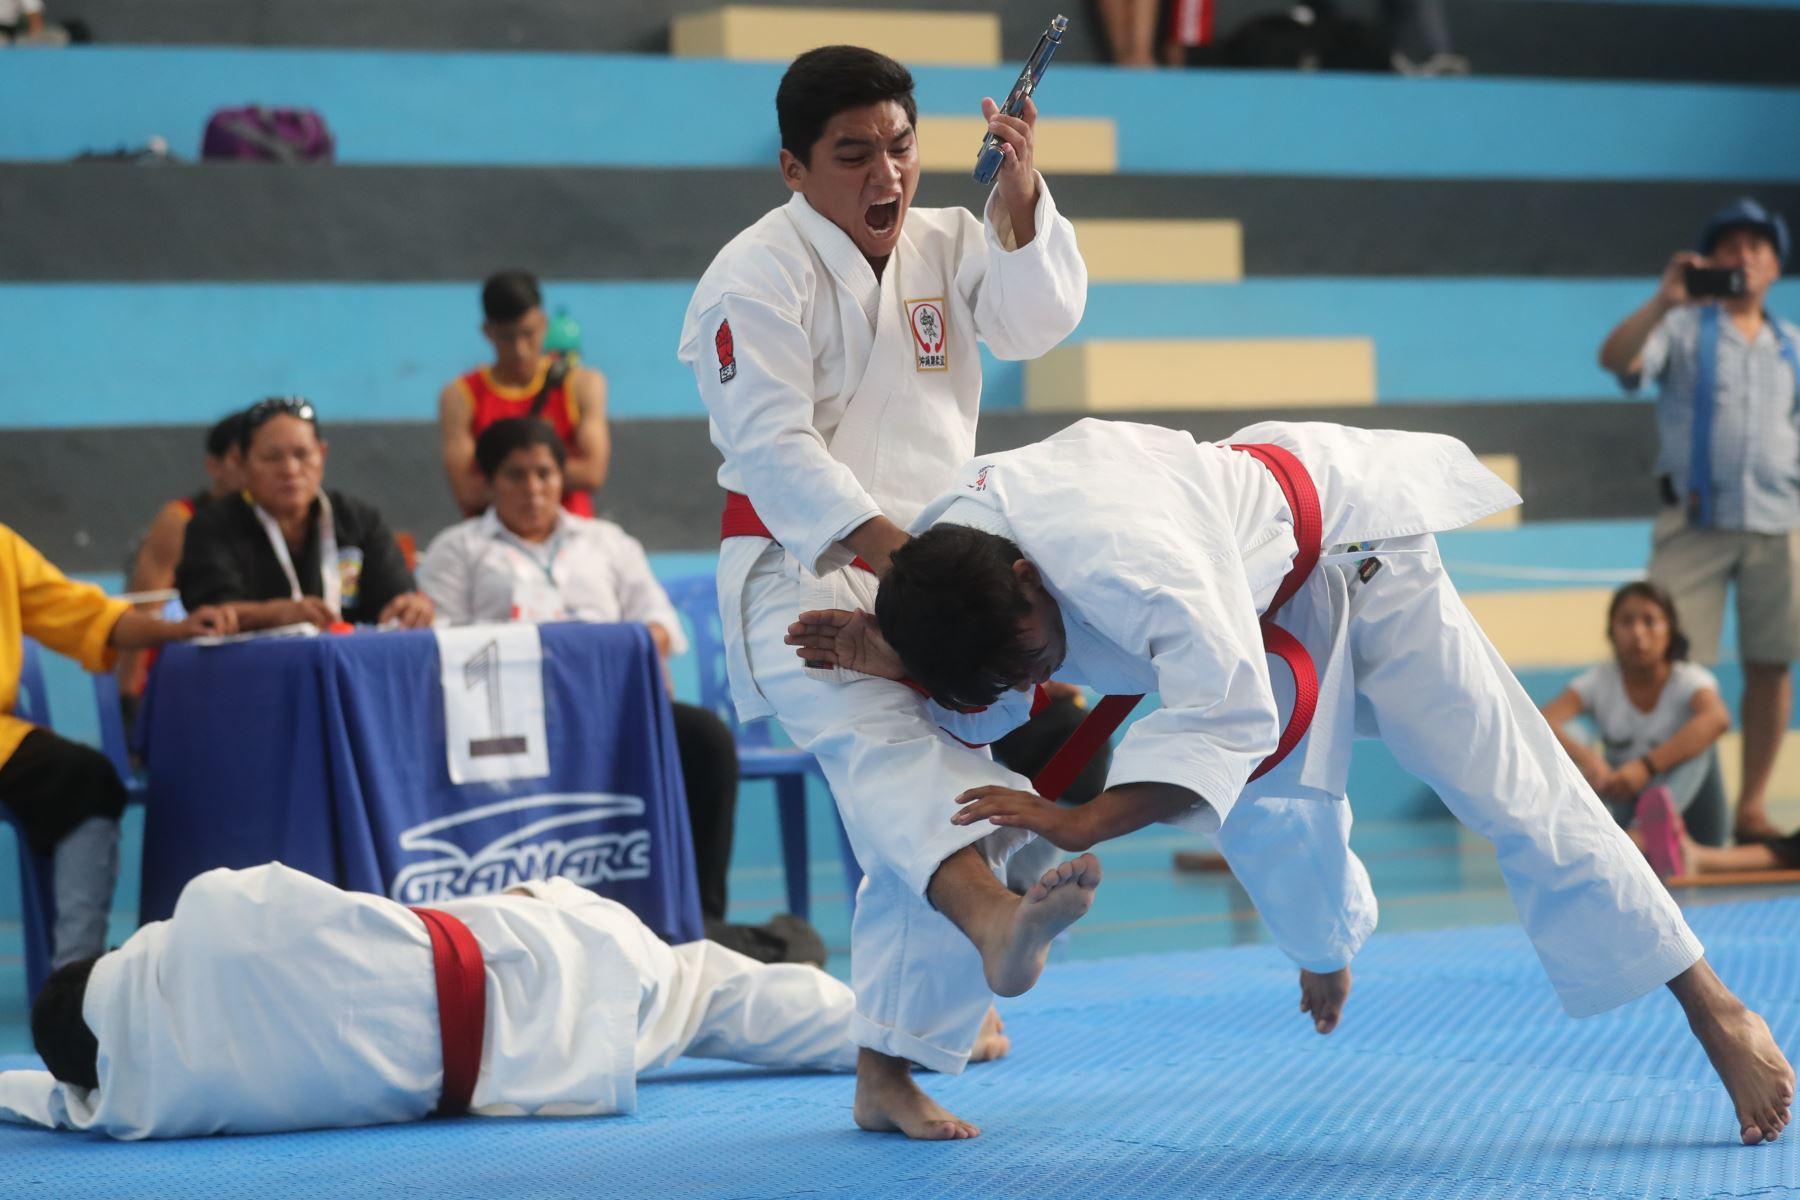 3er Campeonato Panamericano de Artes Marciales  OMAM .  Foto: ANDINA/Juan Carlos Guzmán Negrini